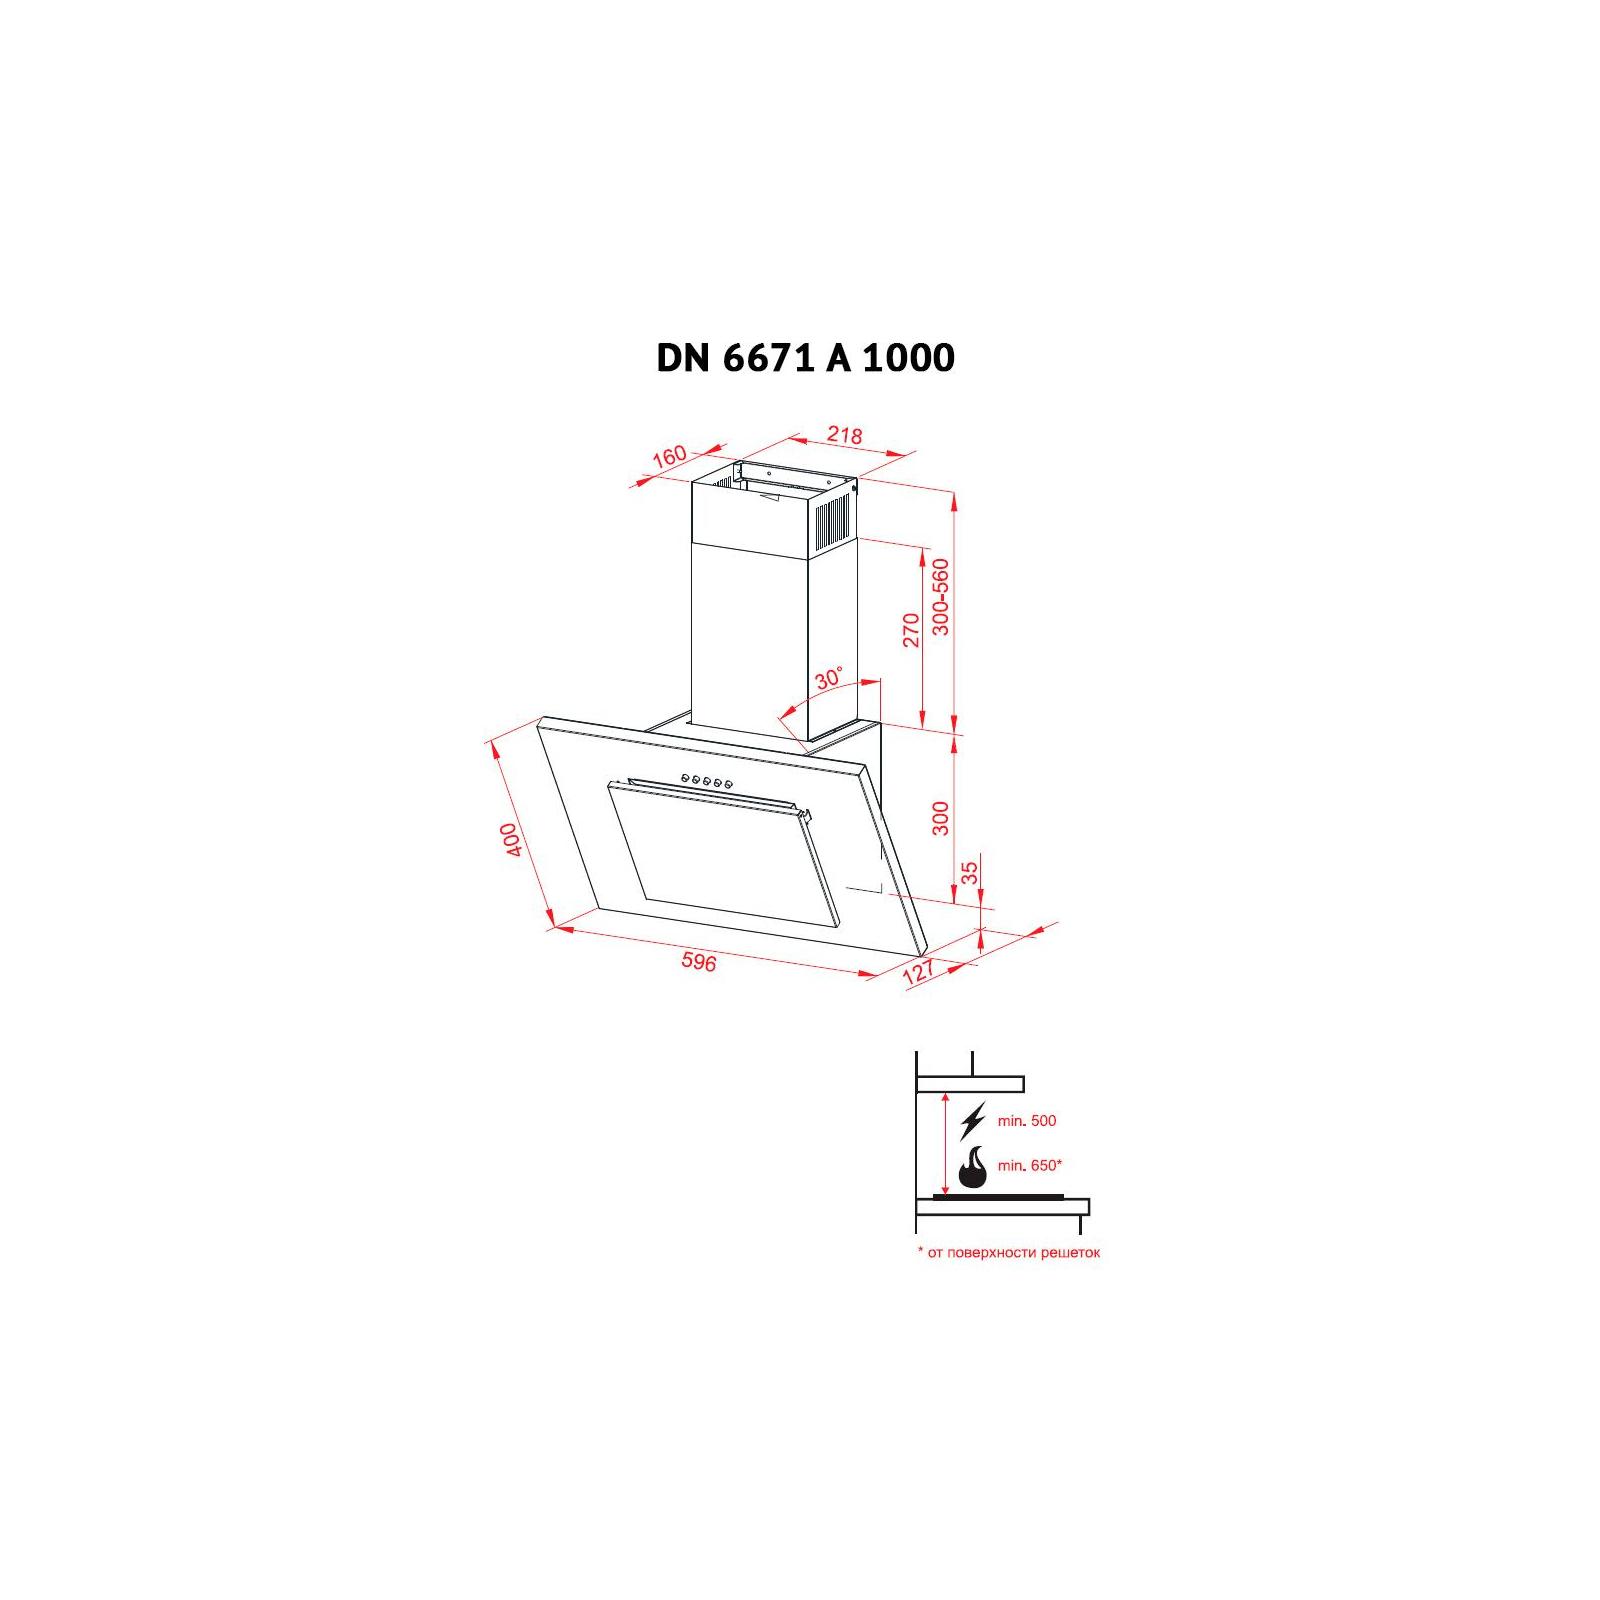 Вытяжка кухонная PERFELLI DN 6671 A 1000 IV изображение 10